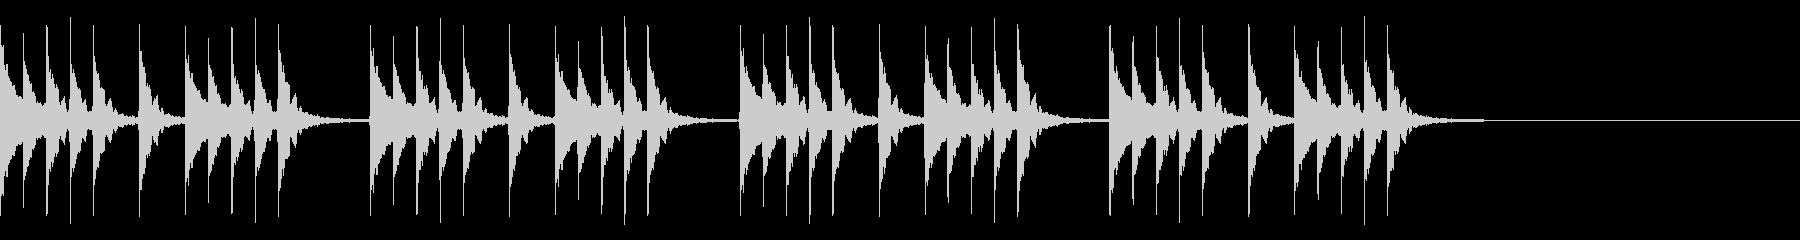 和楽器/三味線/和風フレーズ/#4の未再生の波形